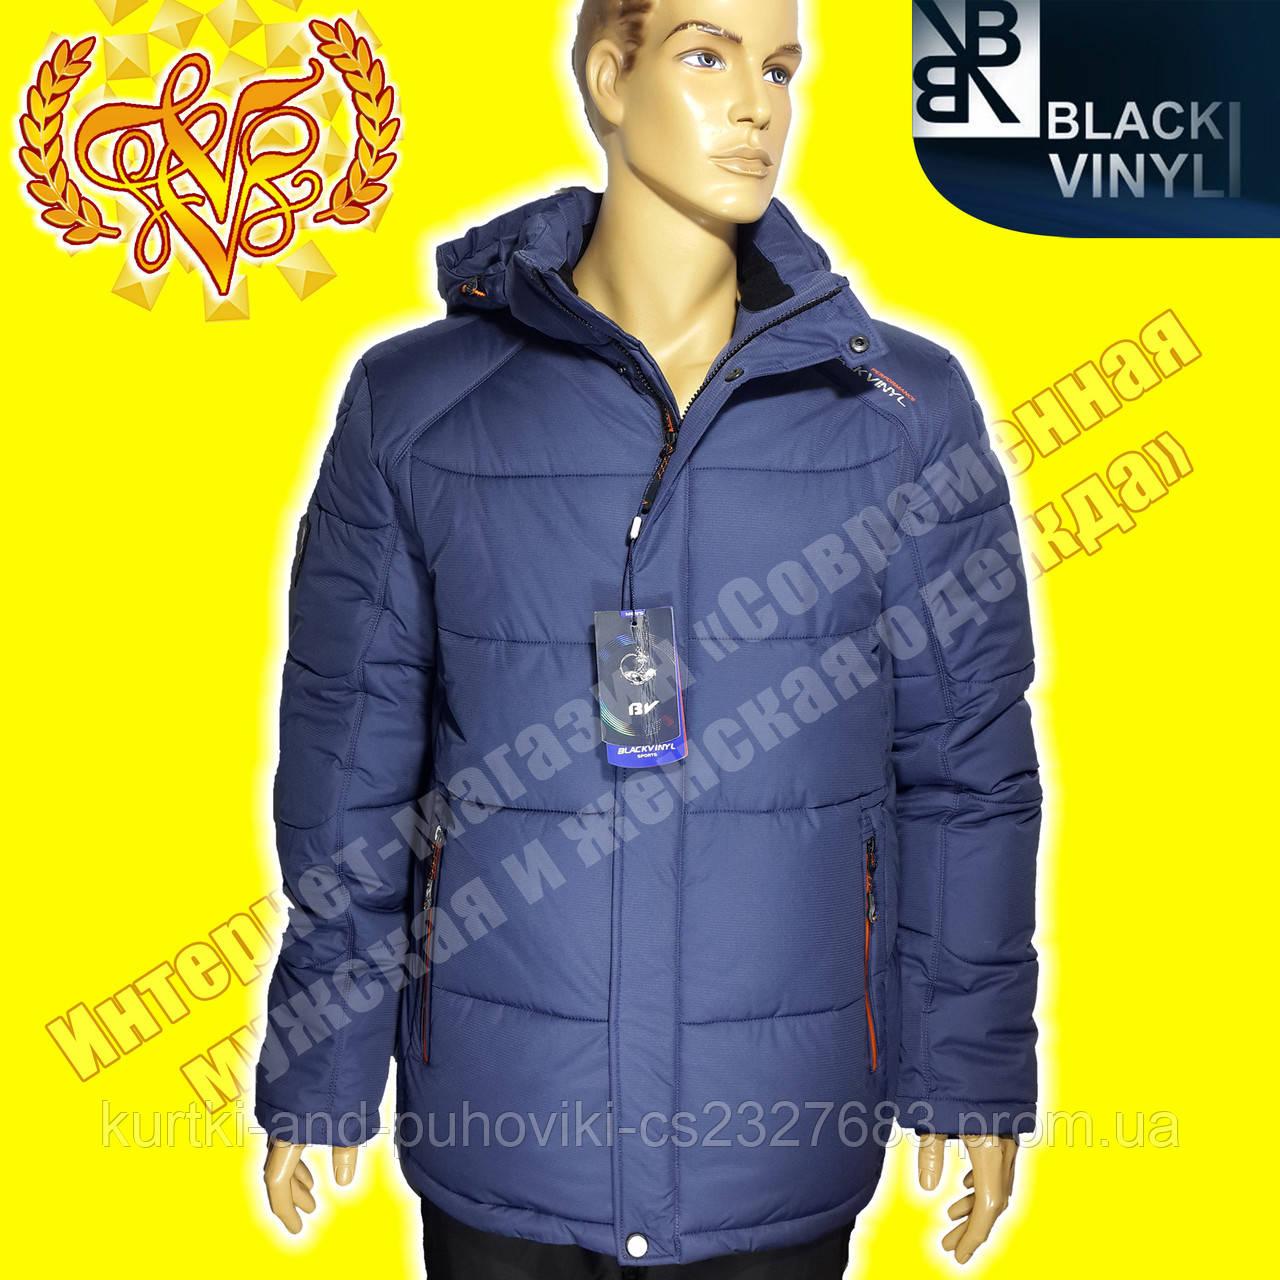 fa6240ffec2 Мужские качественные куртки - Интернет-магазин «Современная мужская и  женская одежда» в Черновцах